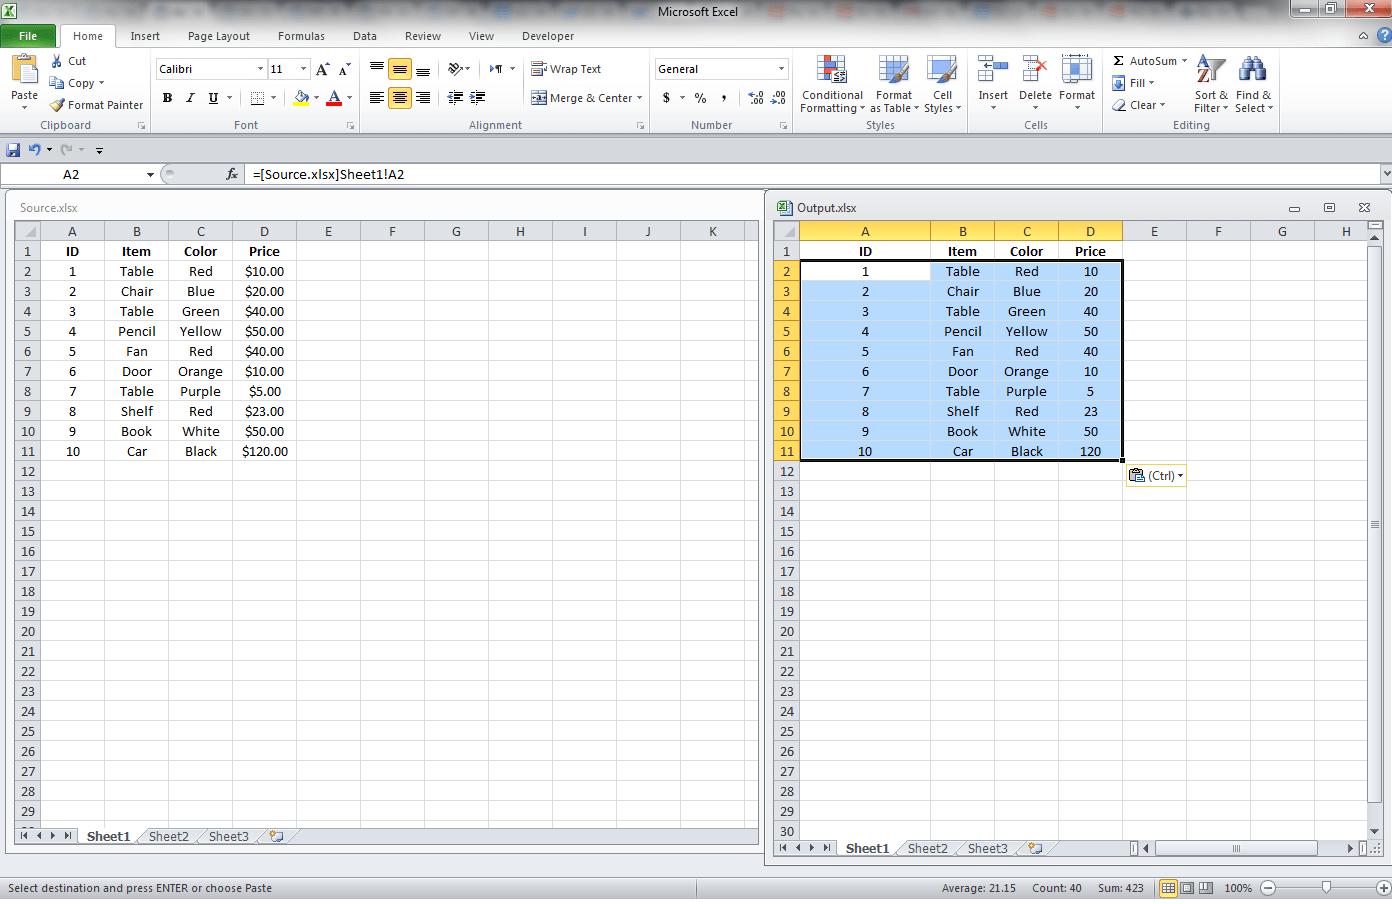 Excel Link, Multiple Cells